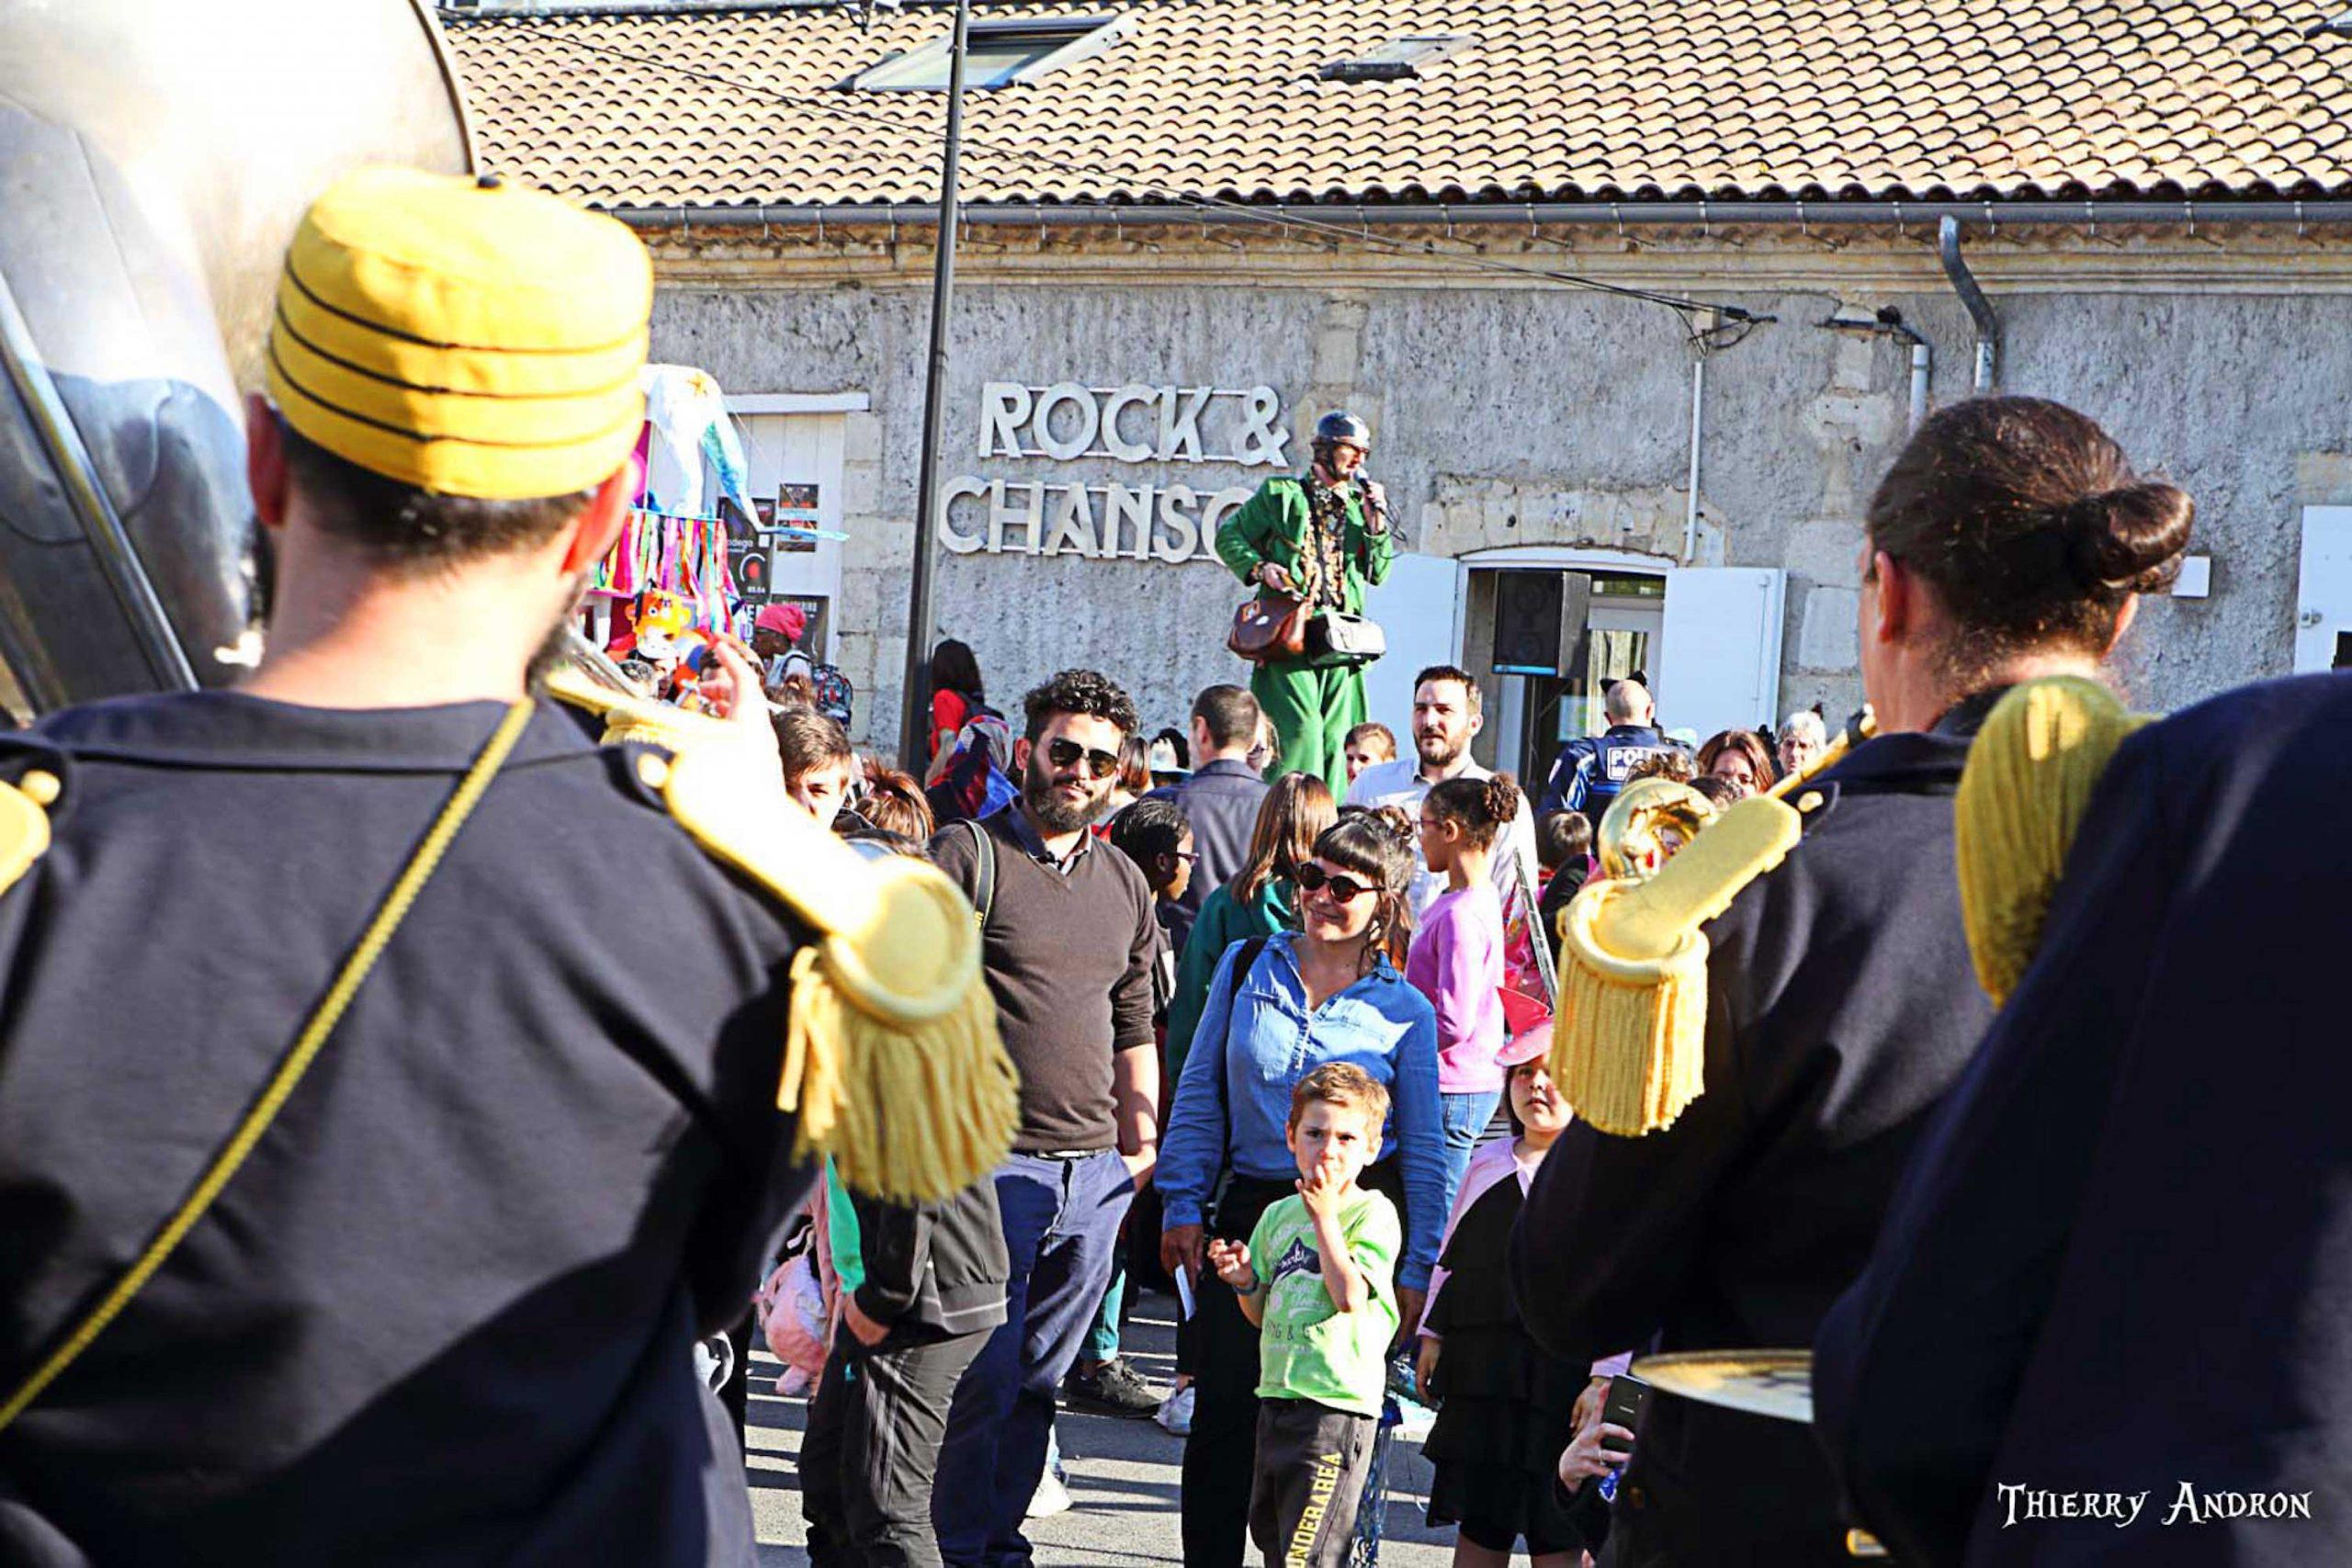 2019 : signe fort que Rock et Chanson est bien devenu un centre incontournable du quartier de Thouars, c'est désormais à Rock et Chanson qu'on se retrouve pour le grand carnaval du quartier (1500 personnes) avant la grande déambulation jusqu'au Dôme. (photo 2019 ©T. Andron)